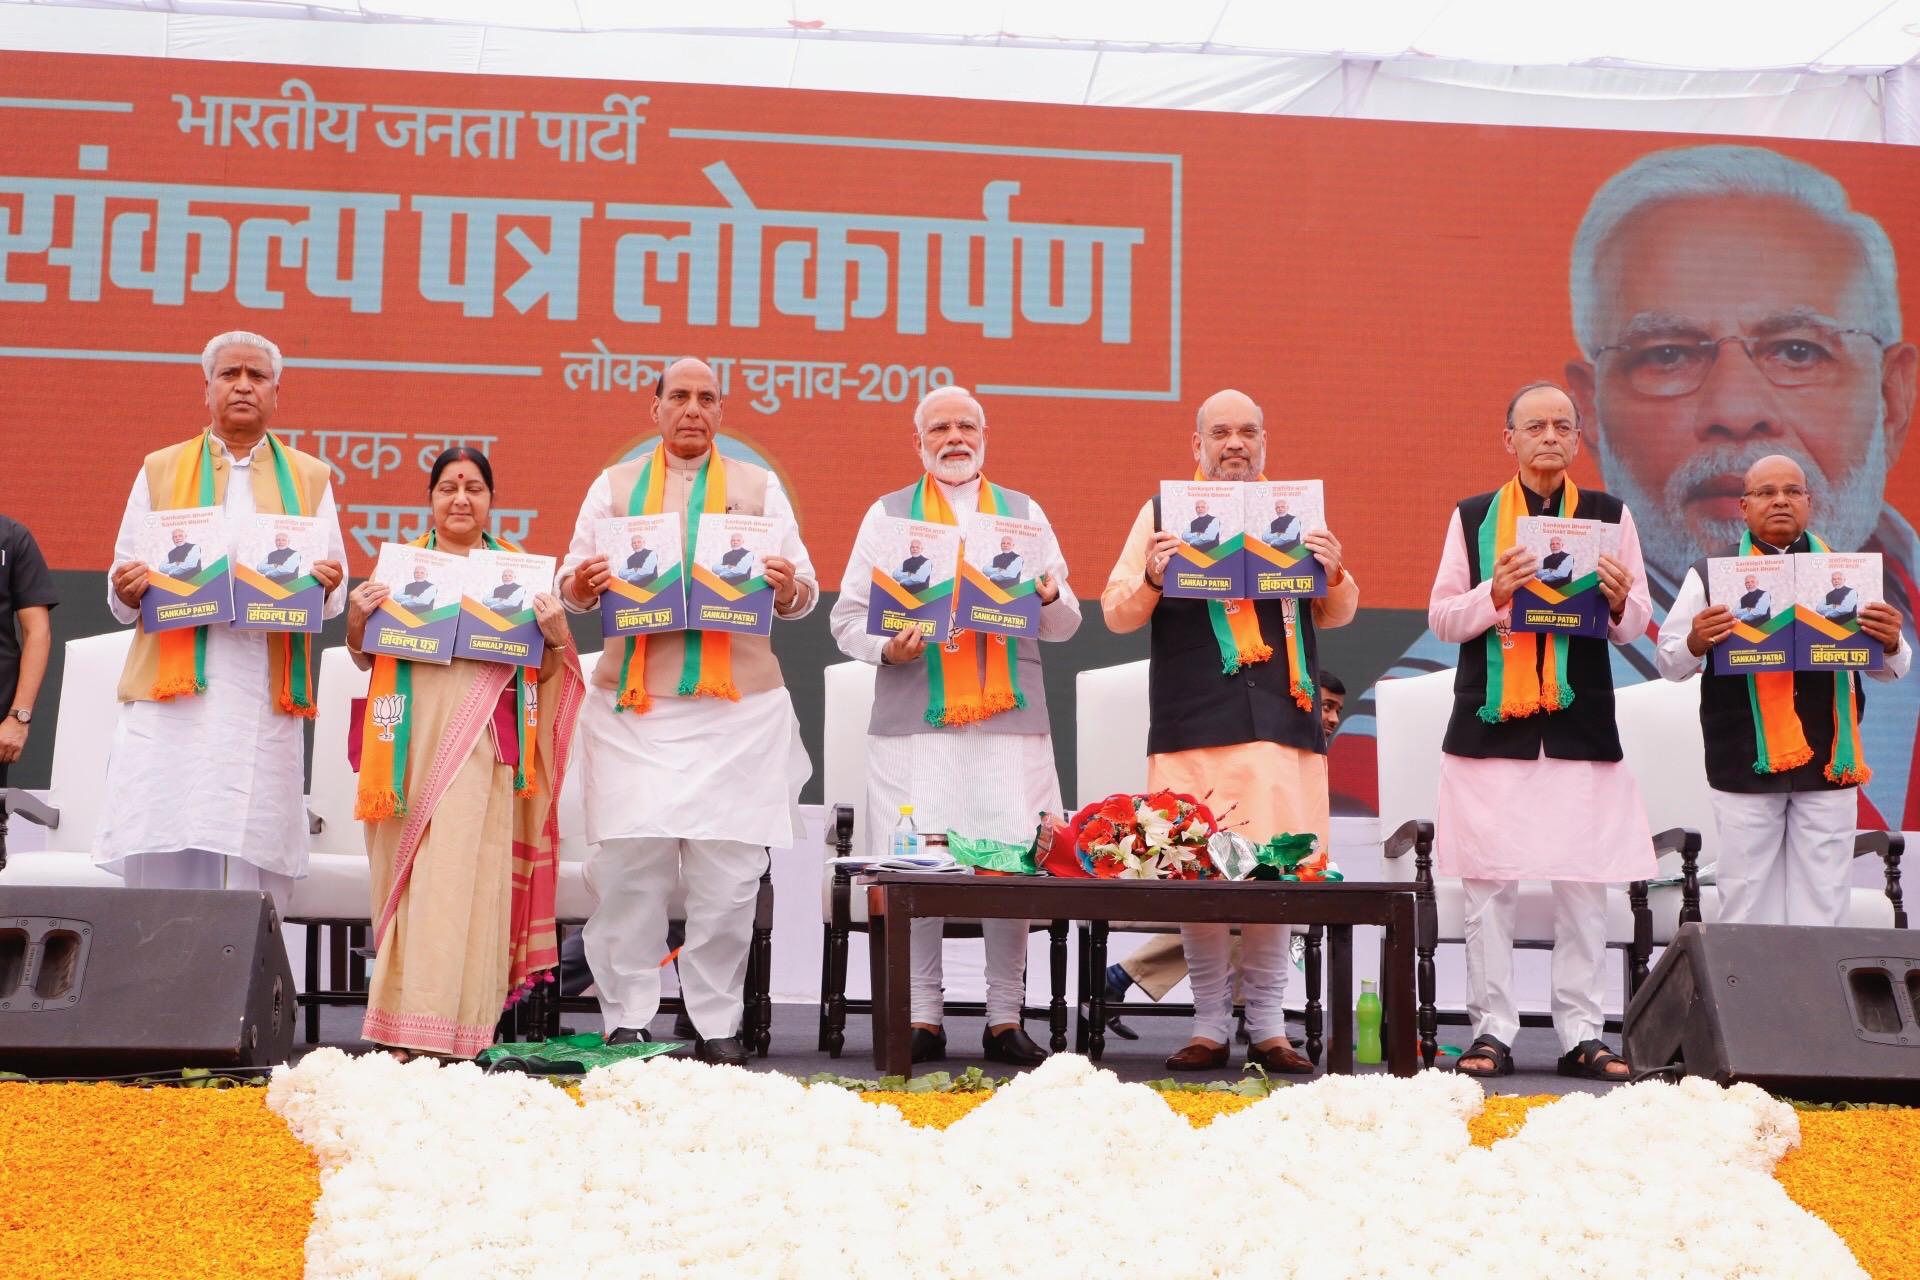 Launch of BJP's